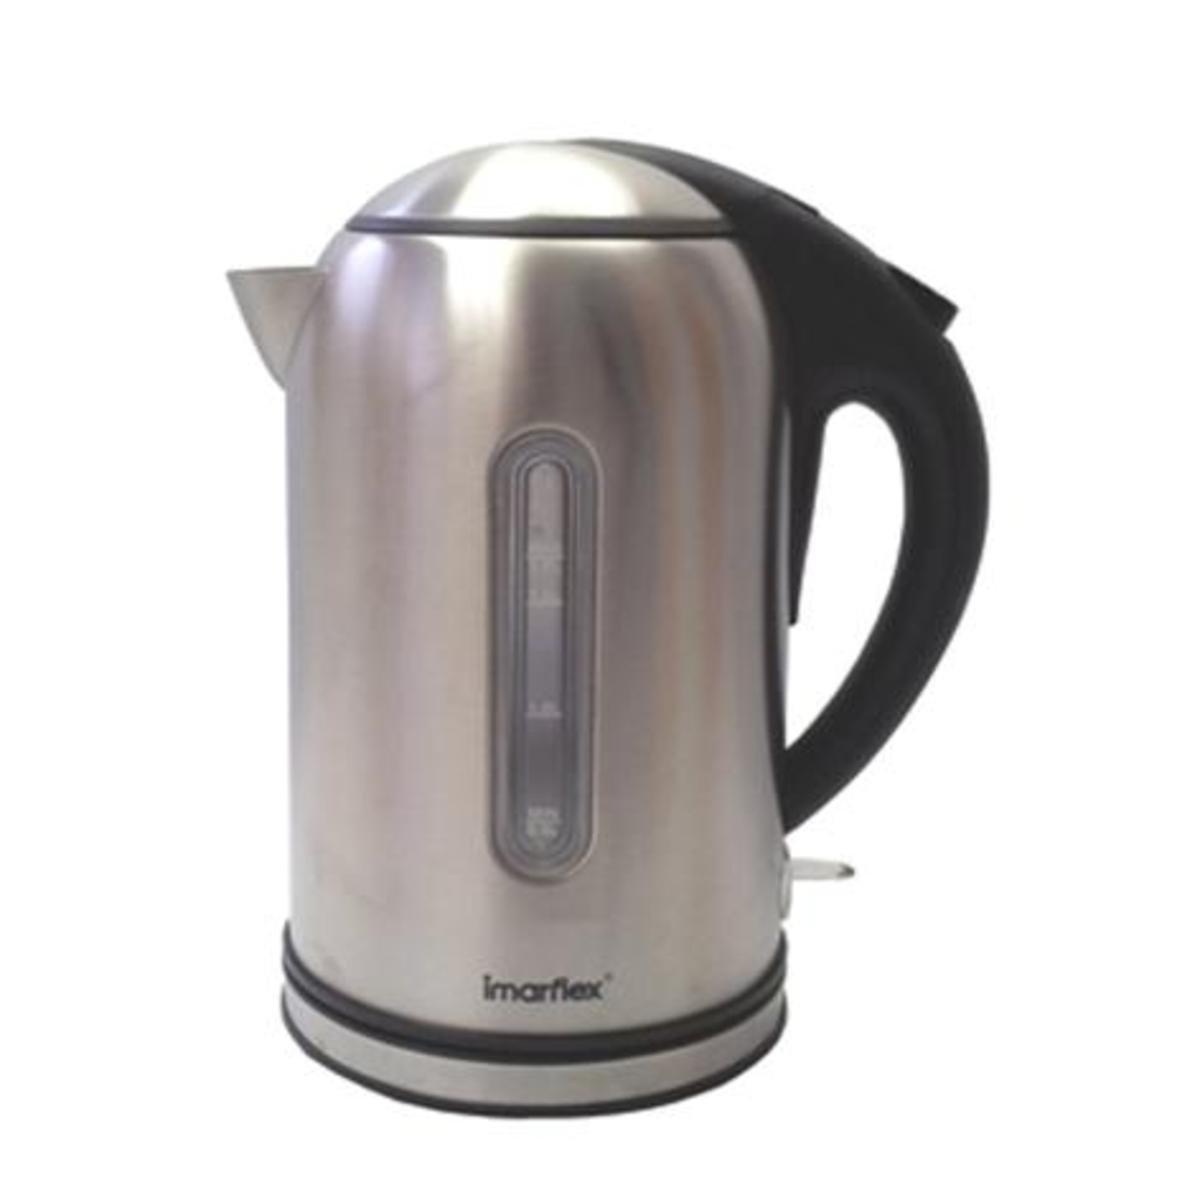 1.7公升不鏽鋼無線電熱水壺